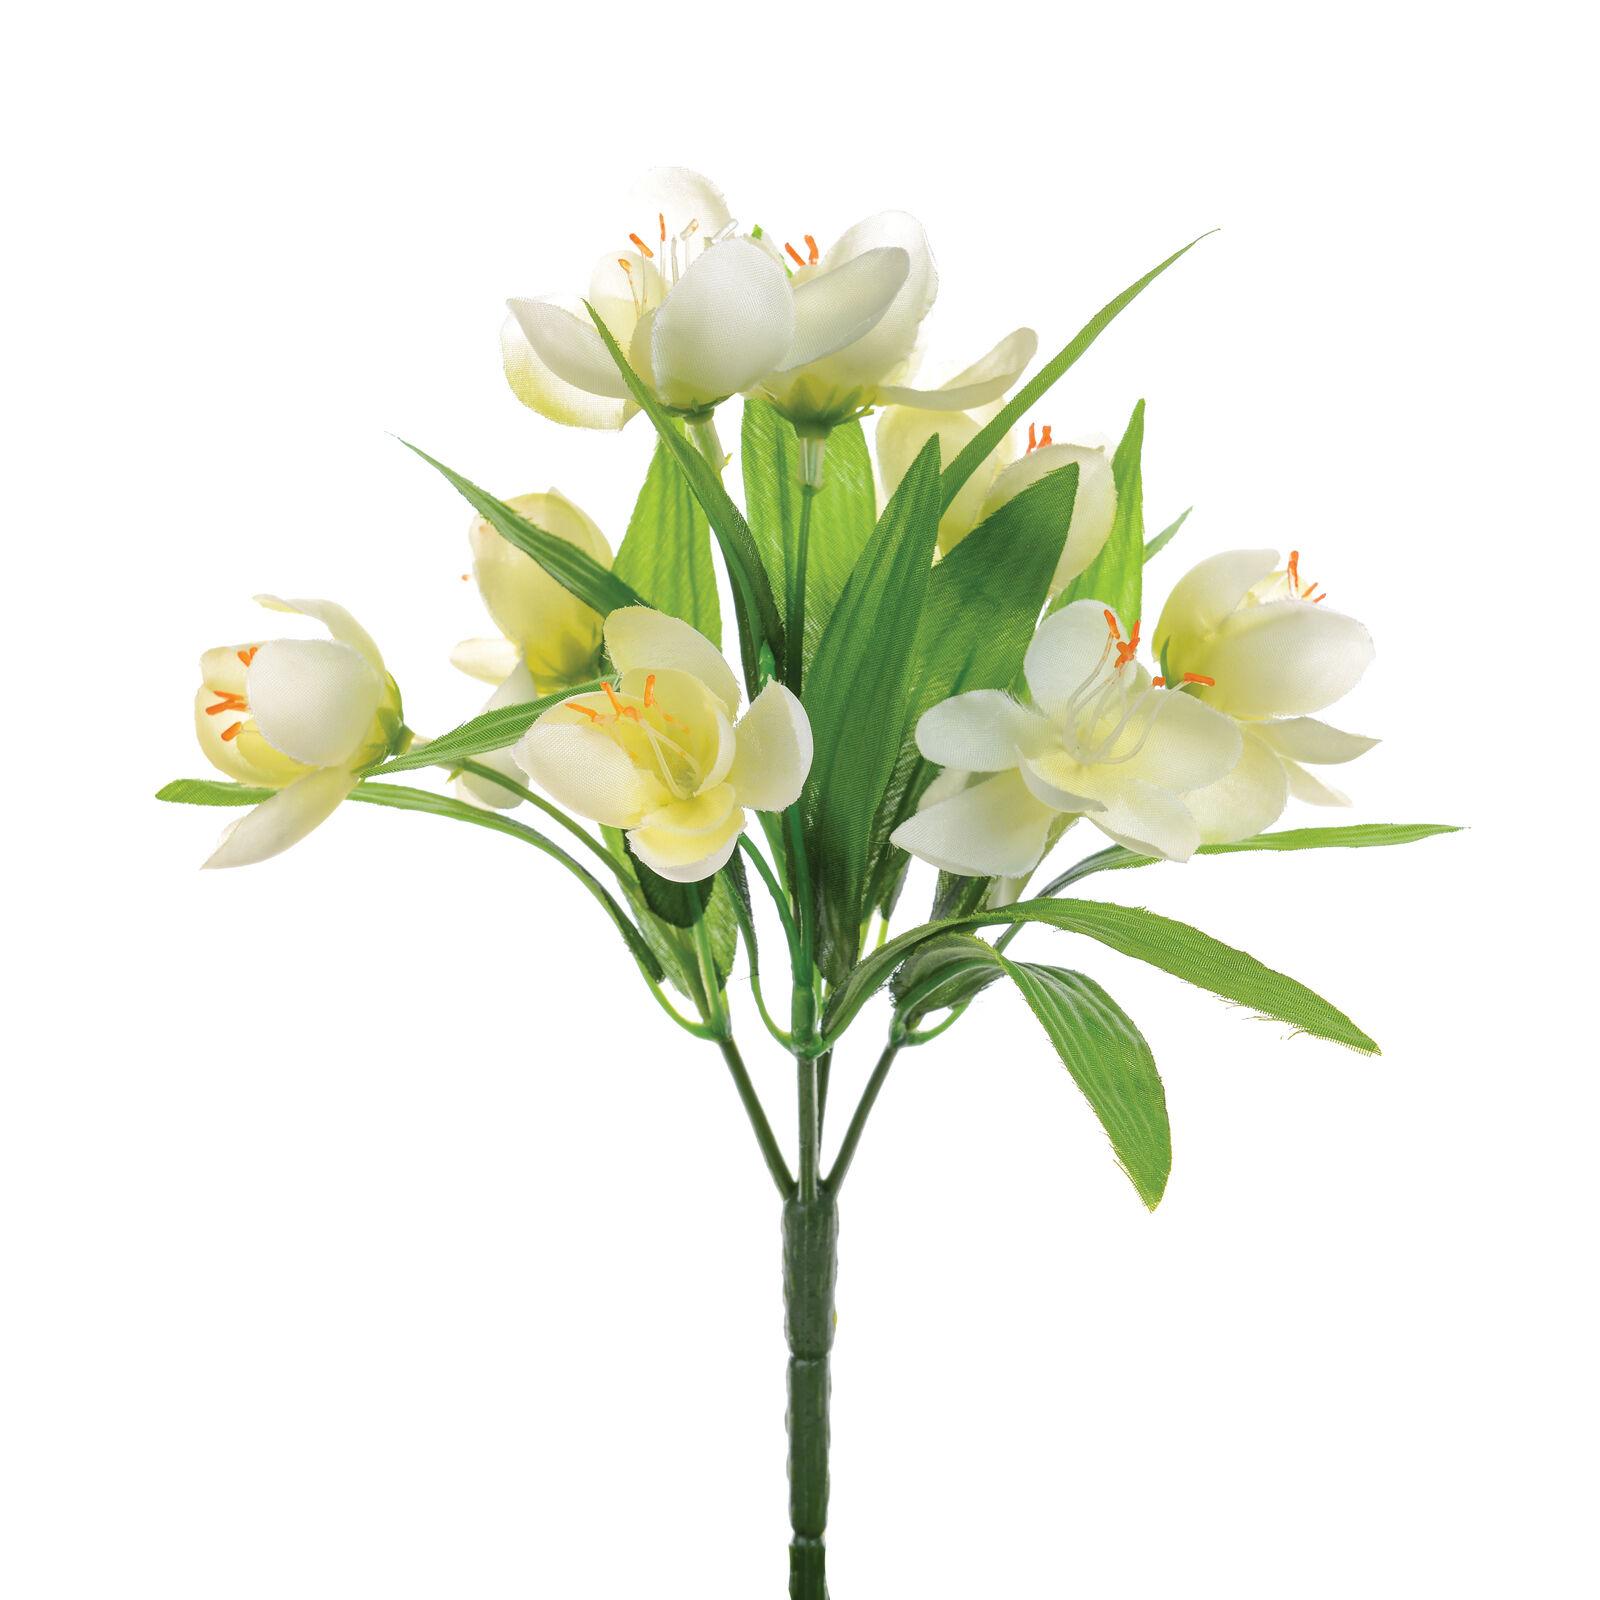 Seta artificiale tessuto finto fiori croco grappolo bianco for Fiori a grappolo